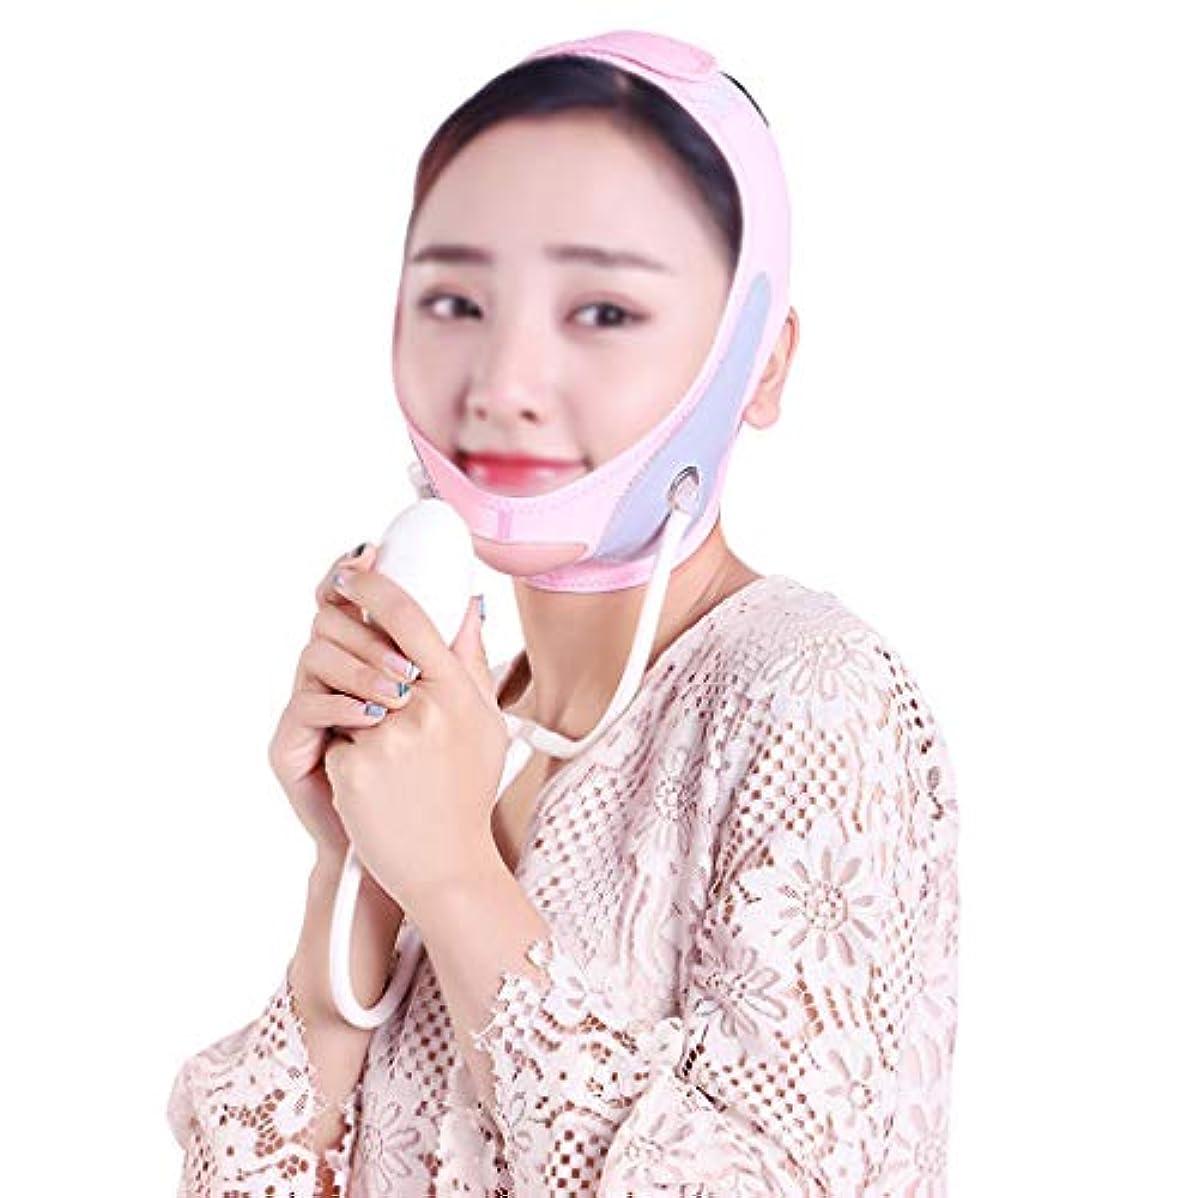 ニッケルランタン手書きGLJJQMY 膨脹可能なマスクは小さいVの表面を作成するために皮の形づけおよび引き締めパターン/二重あごの包帯の人工物を高めます 顔用整形マスク